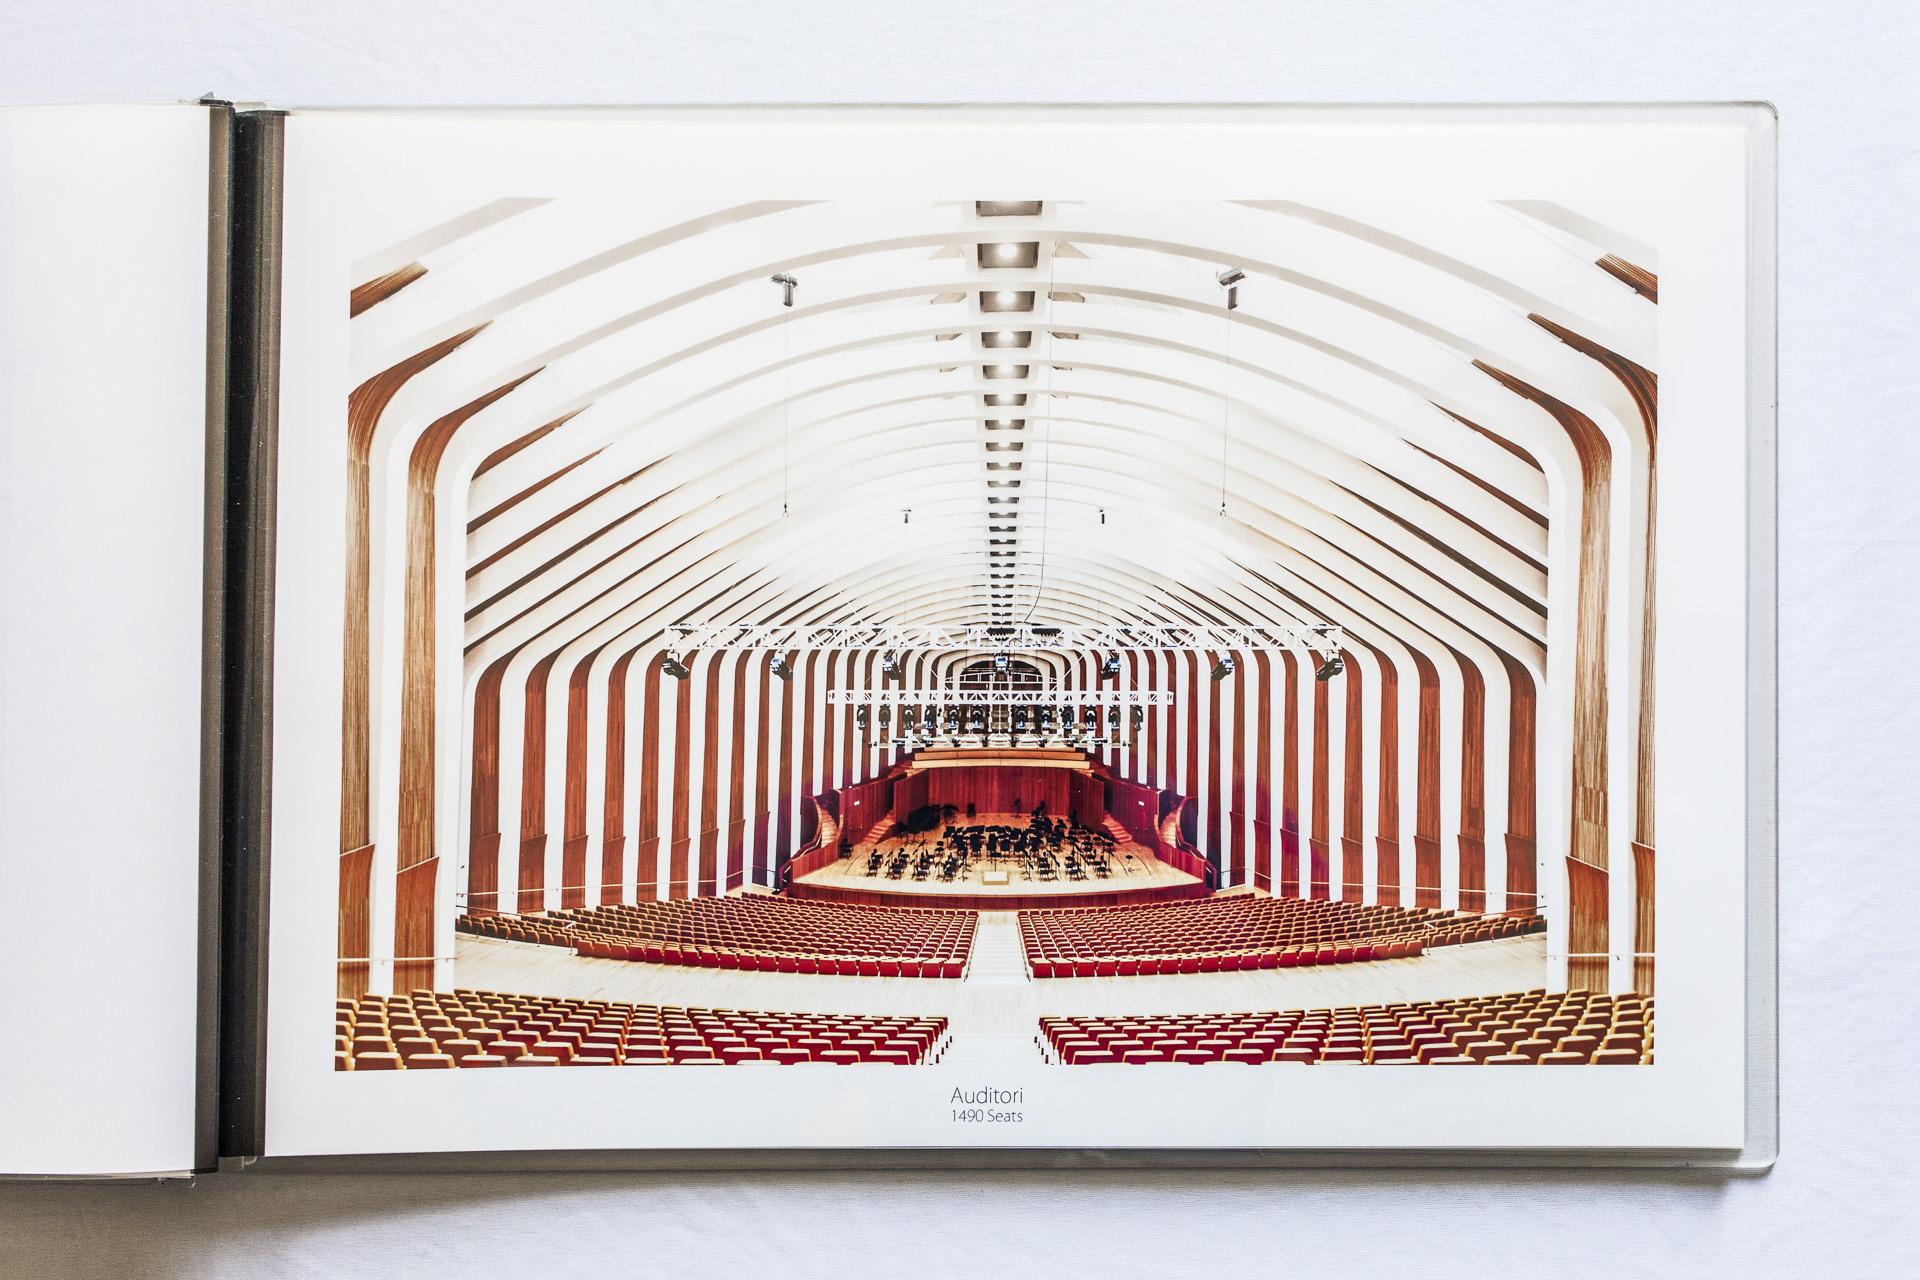 showroom projekte - Philip Gunkel03